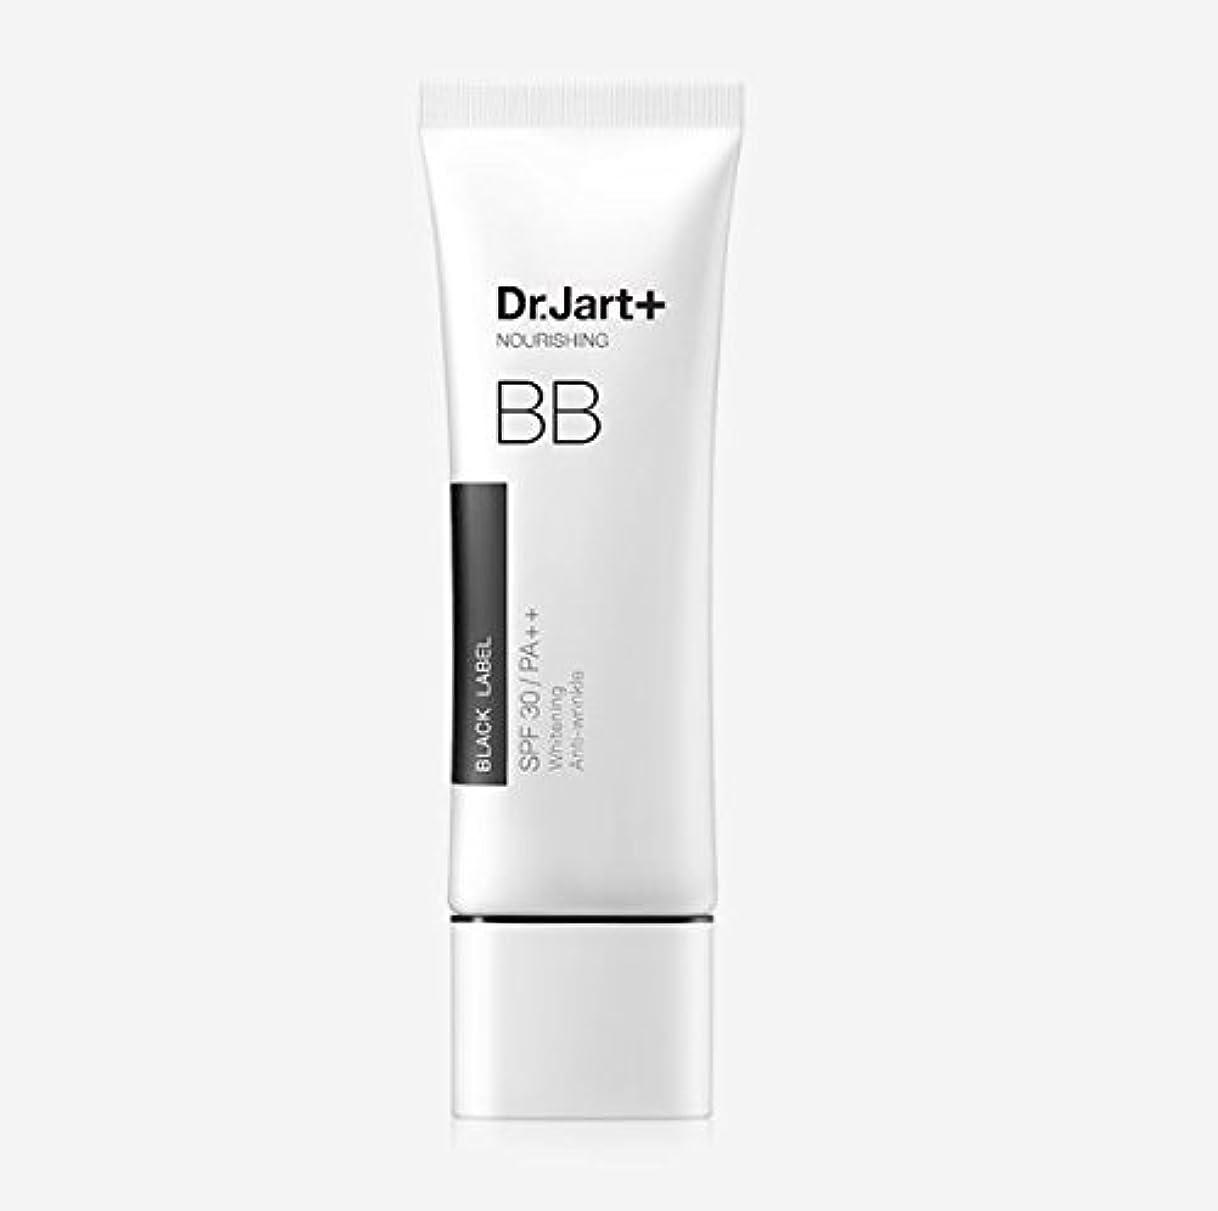 あなたは気分が良い加害者[Dr. Jart] Black Label BB Nourishing Beauty Balm 50ml SPF30 PA++/[ドクタージャルト] ブラックラベル BB ナリーシン ビューティー バーム 50ml SPF30...